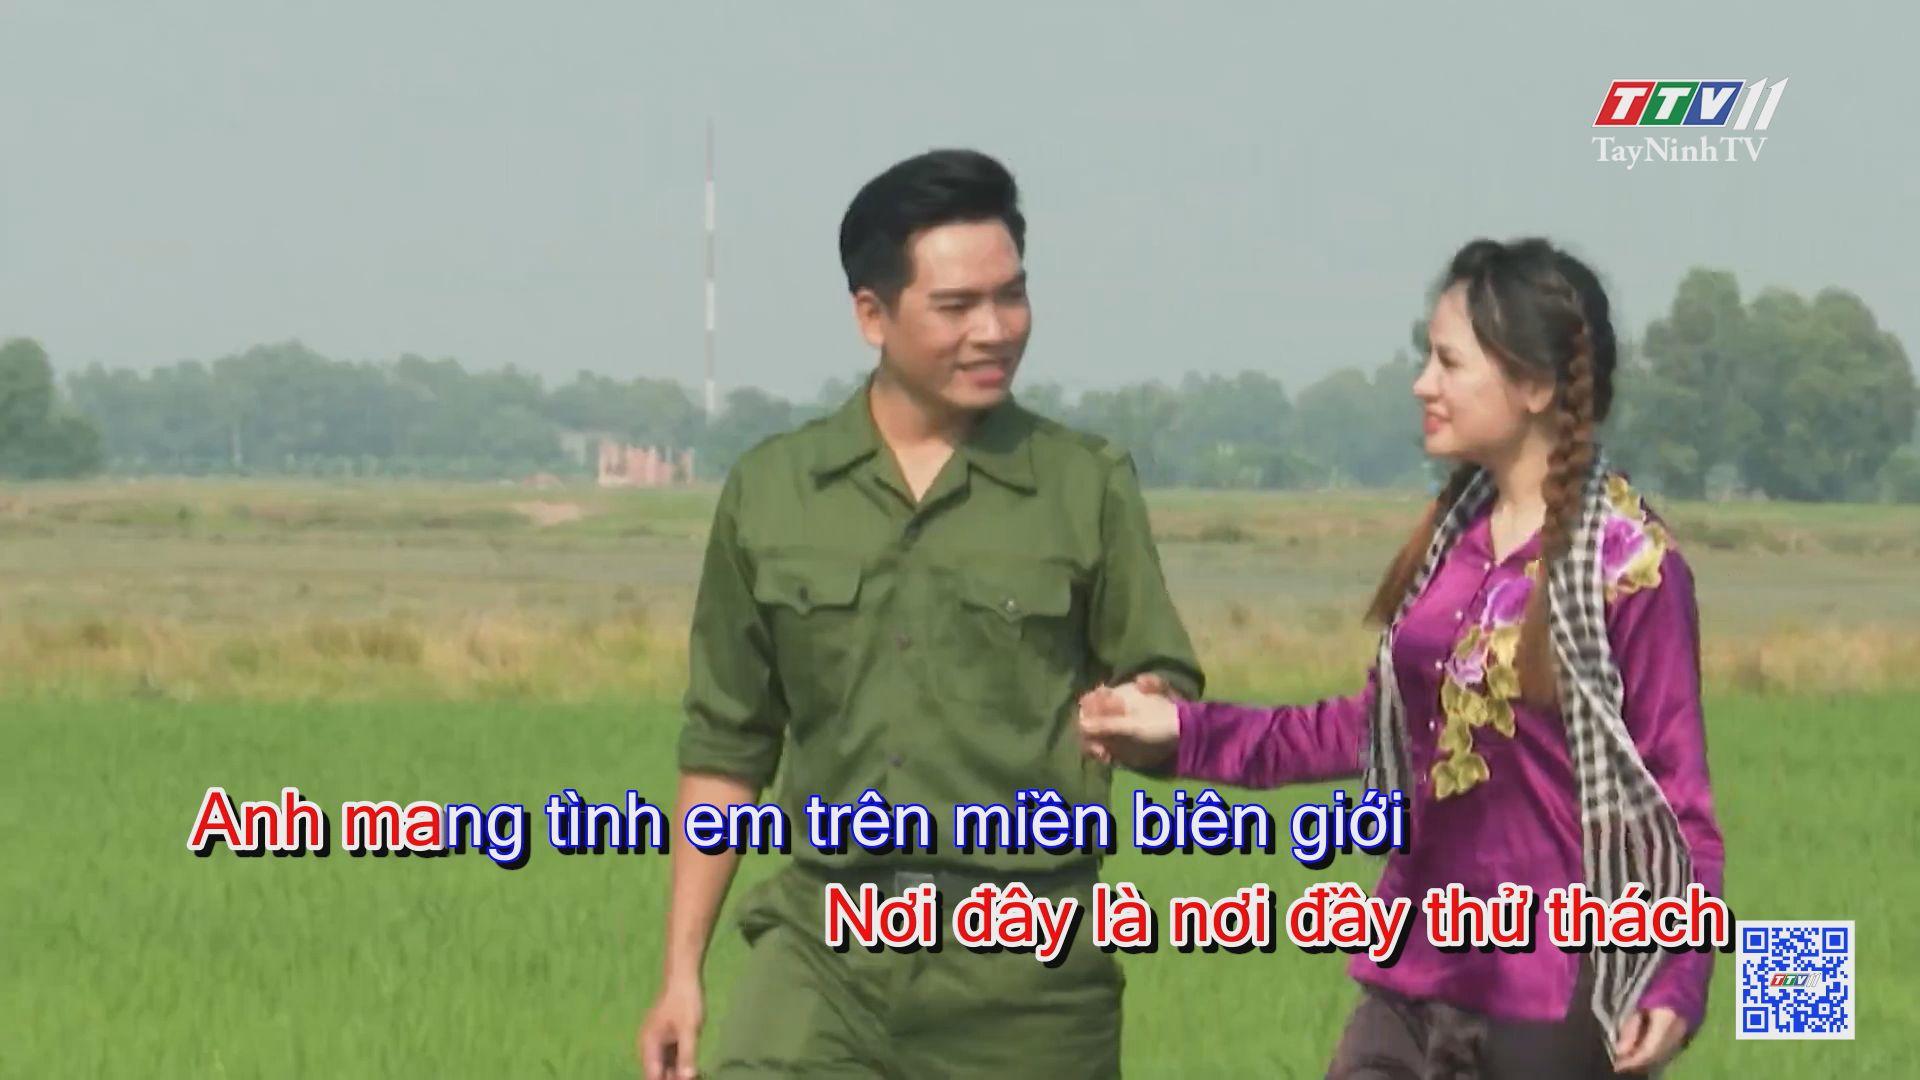 Biên giới và tình em KARAOKE | Tuyển tập karaoke Tây Ninh tình yêu trong tôi | TayNinhTV